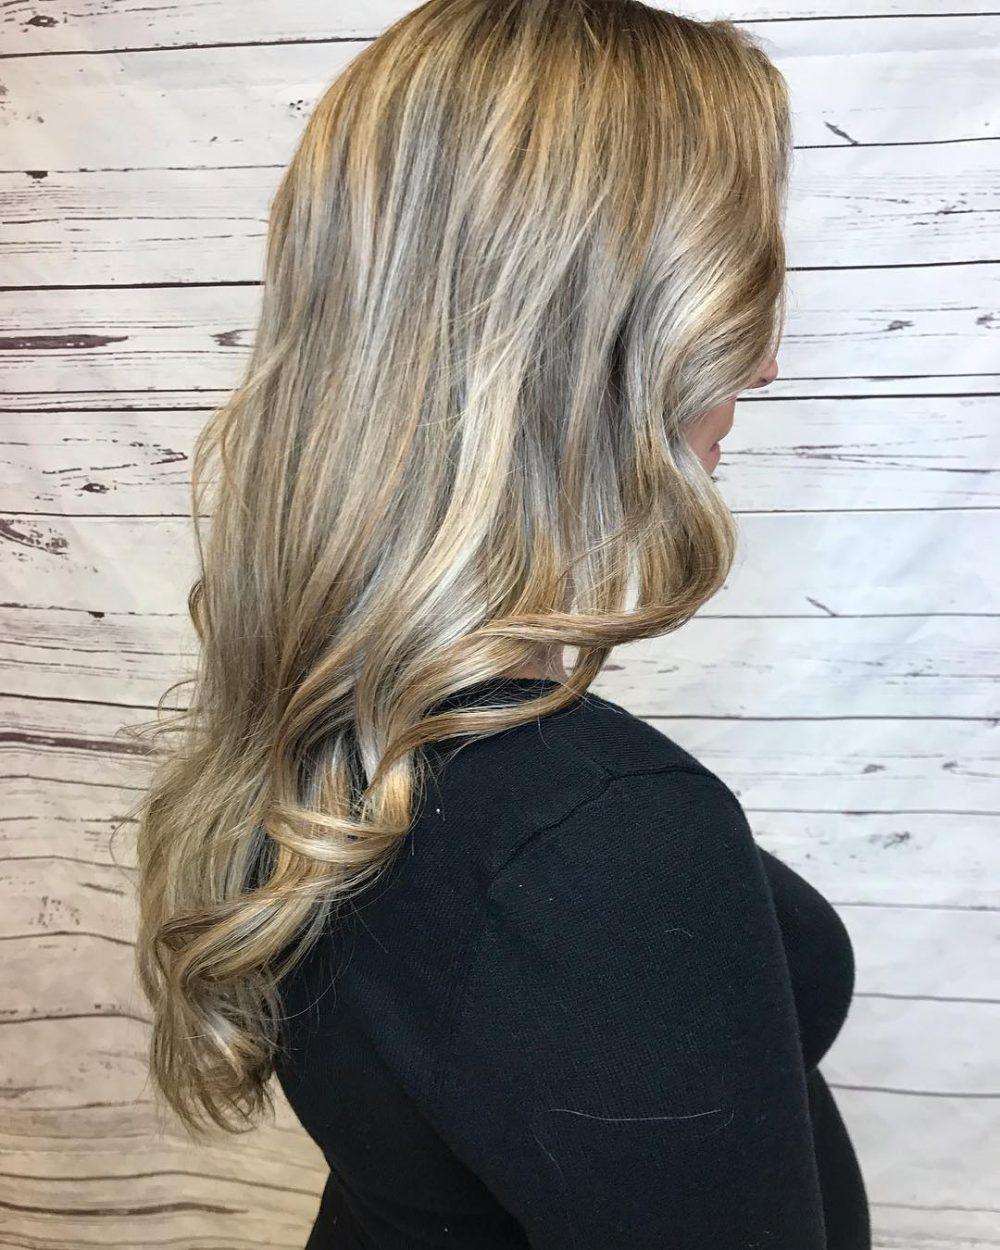 cheveux châtain clair avec des mèches blond cendré